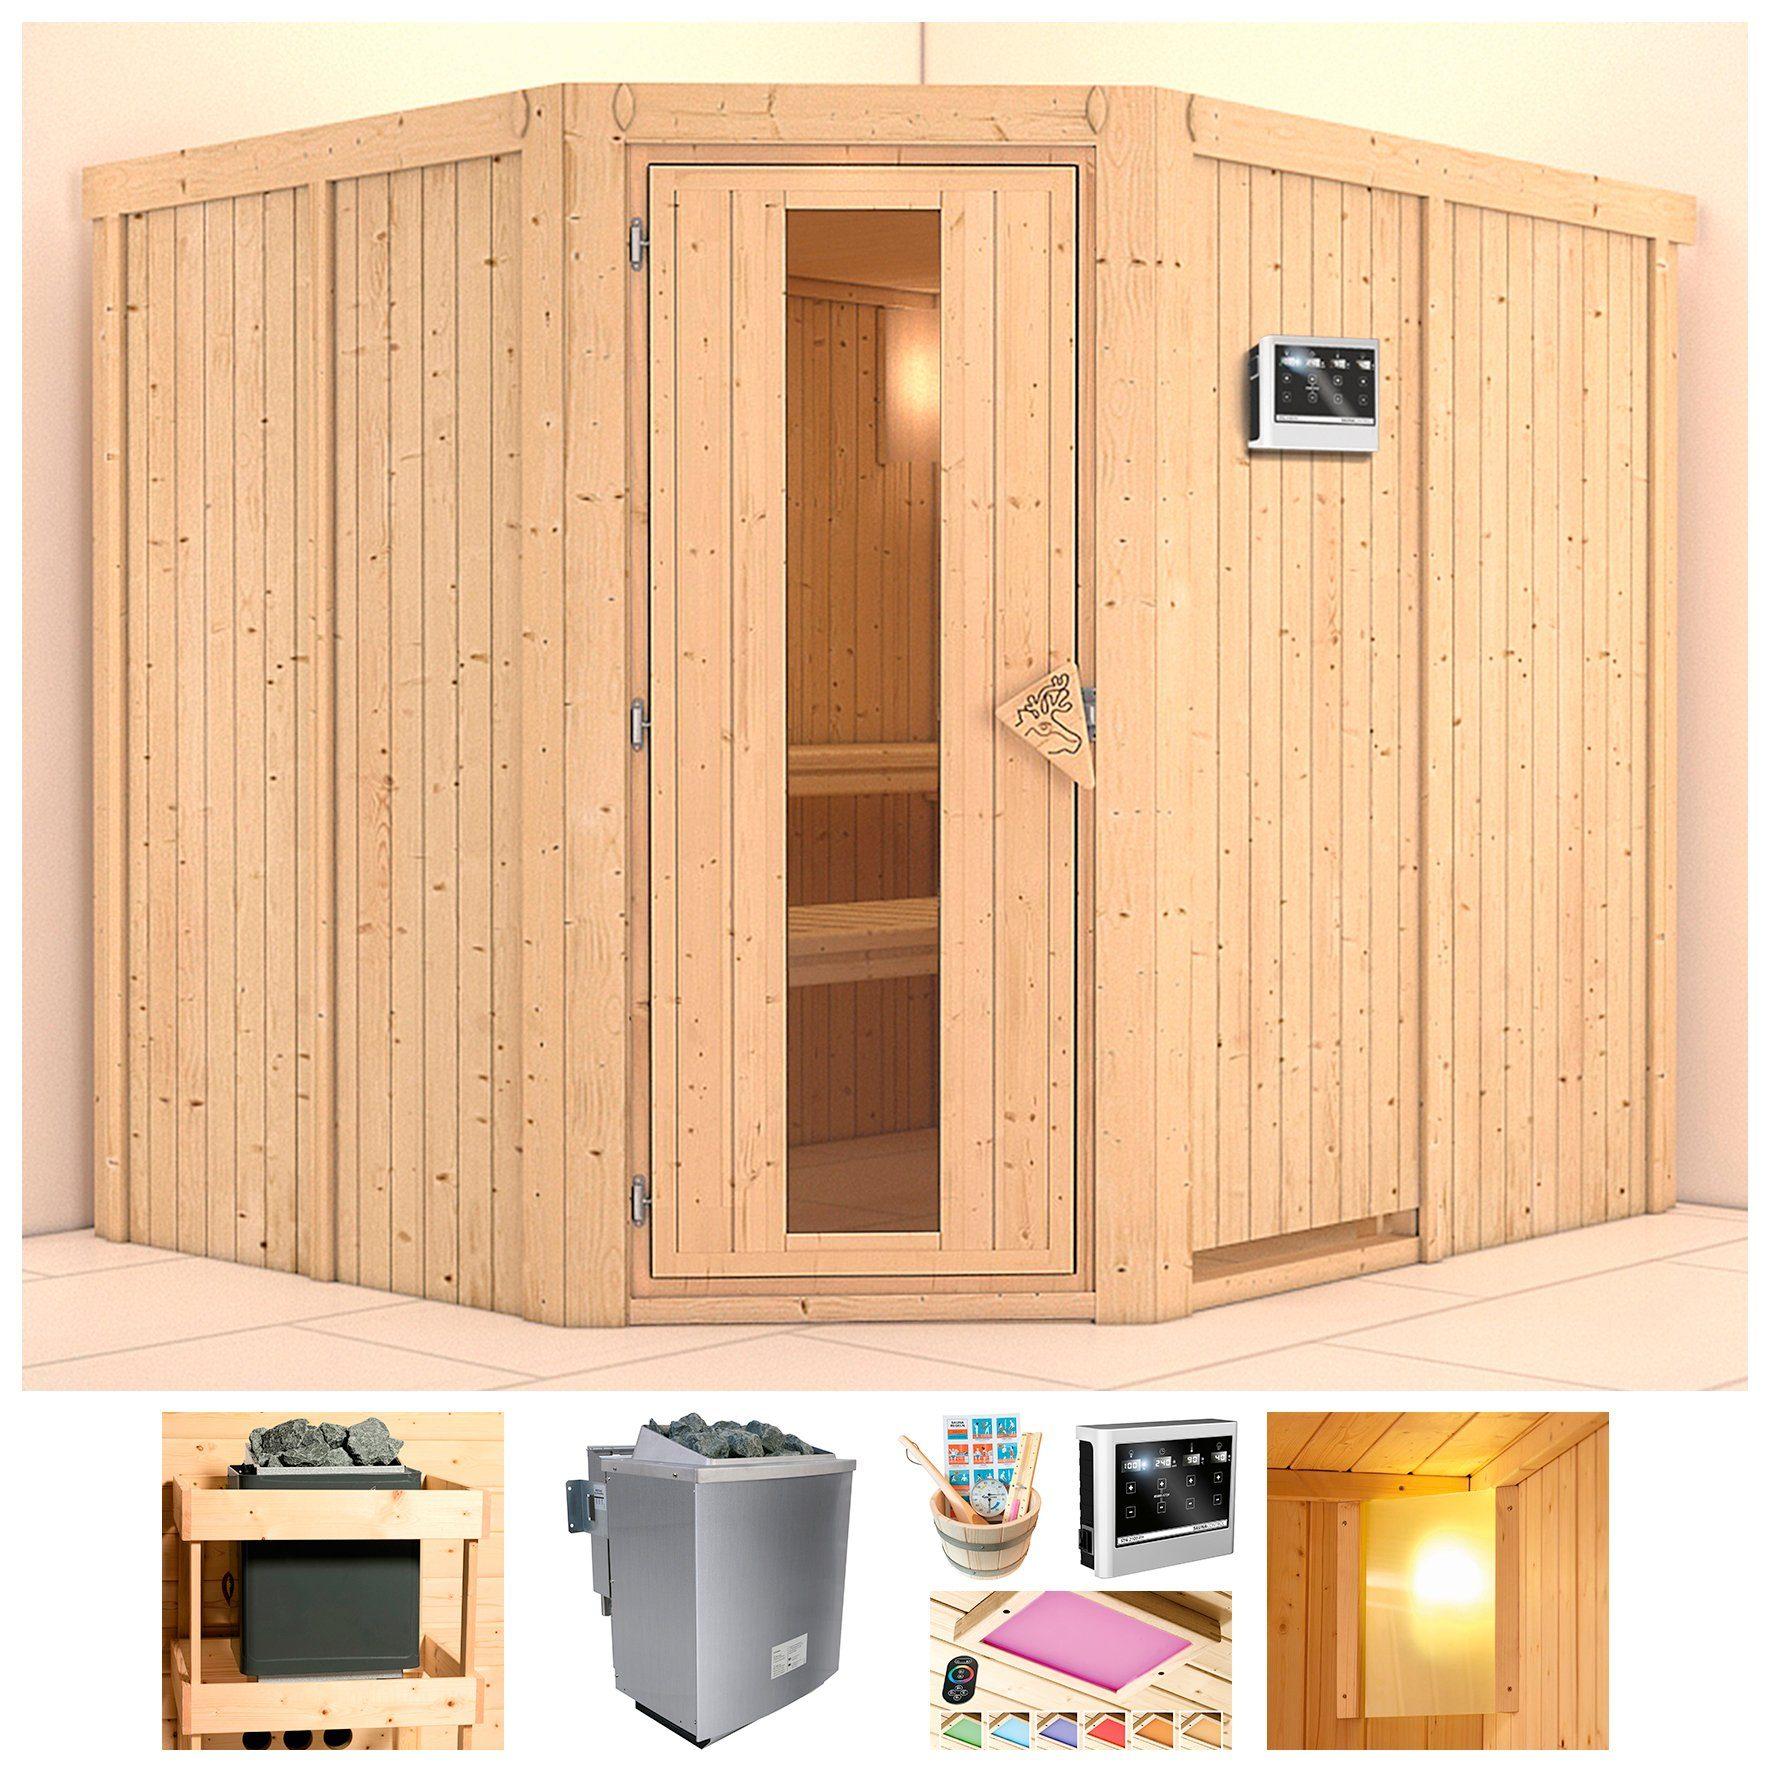 KONIFERA Sauna »Pellworm«, 231x196x198 cm, 9-kW-Bio-Ofen mit ext. Steuerung